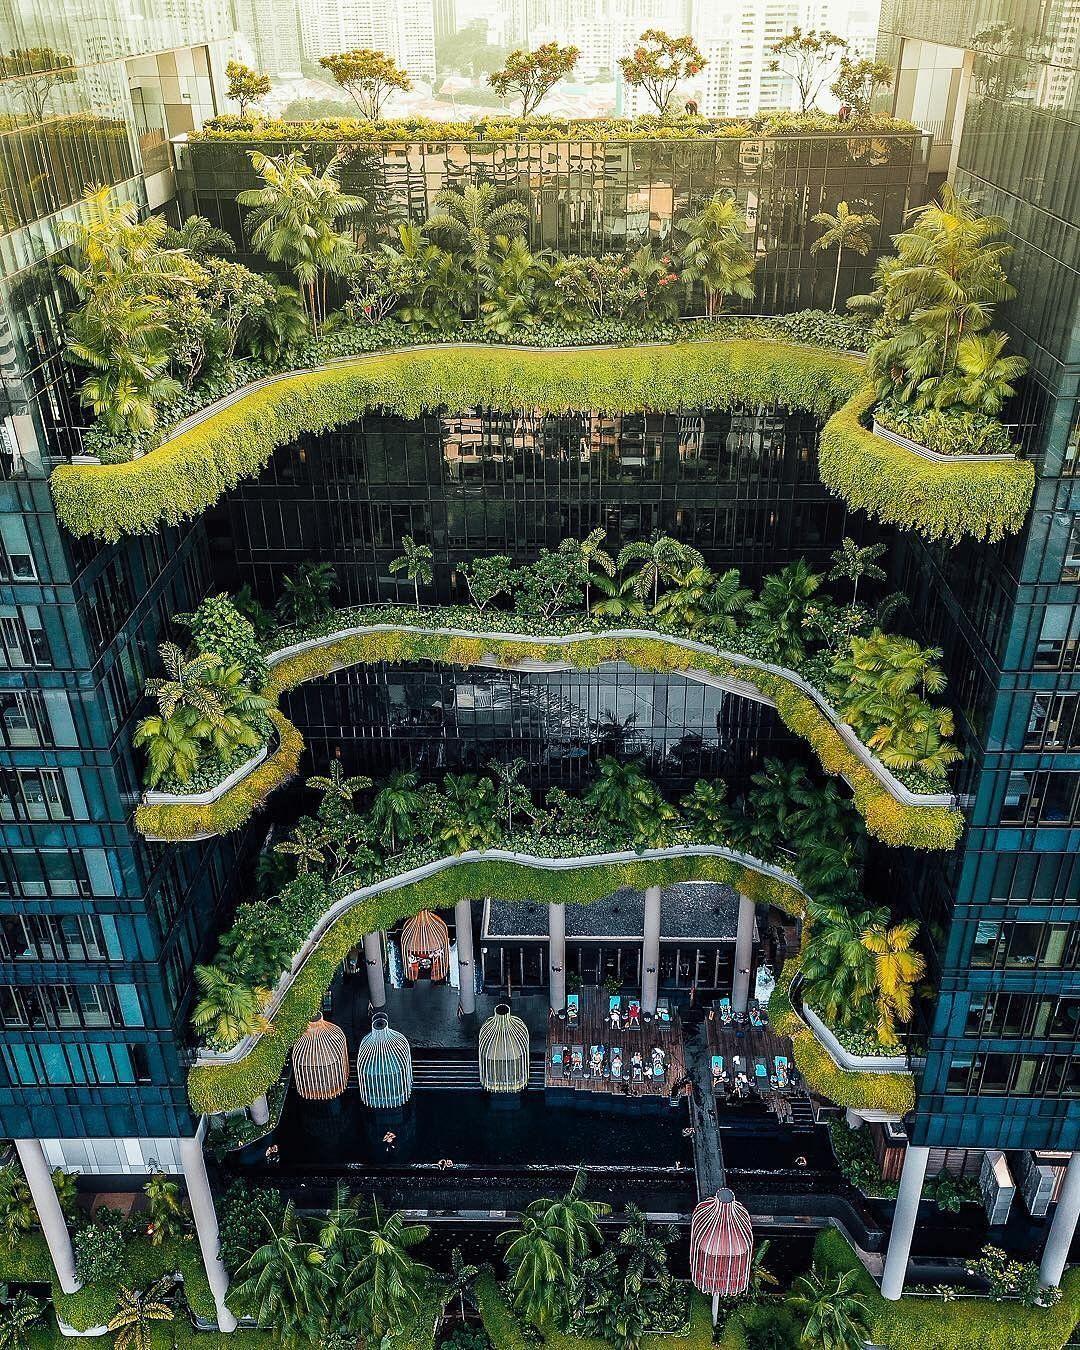 Green Houses Green City Grüne Stadt Bewachsene Häuser